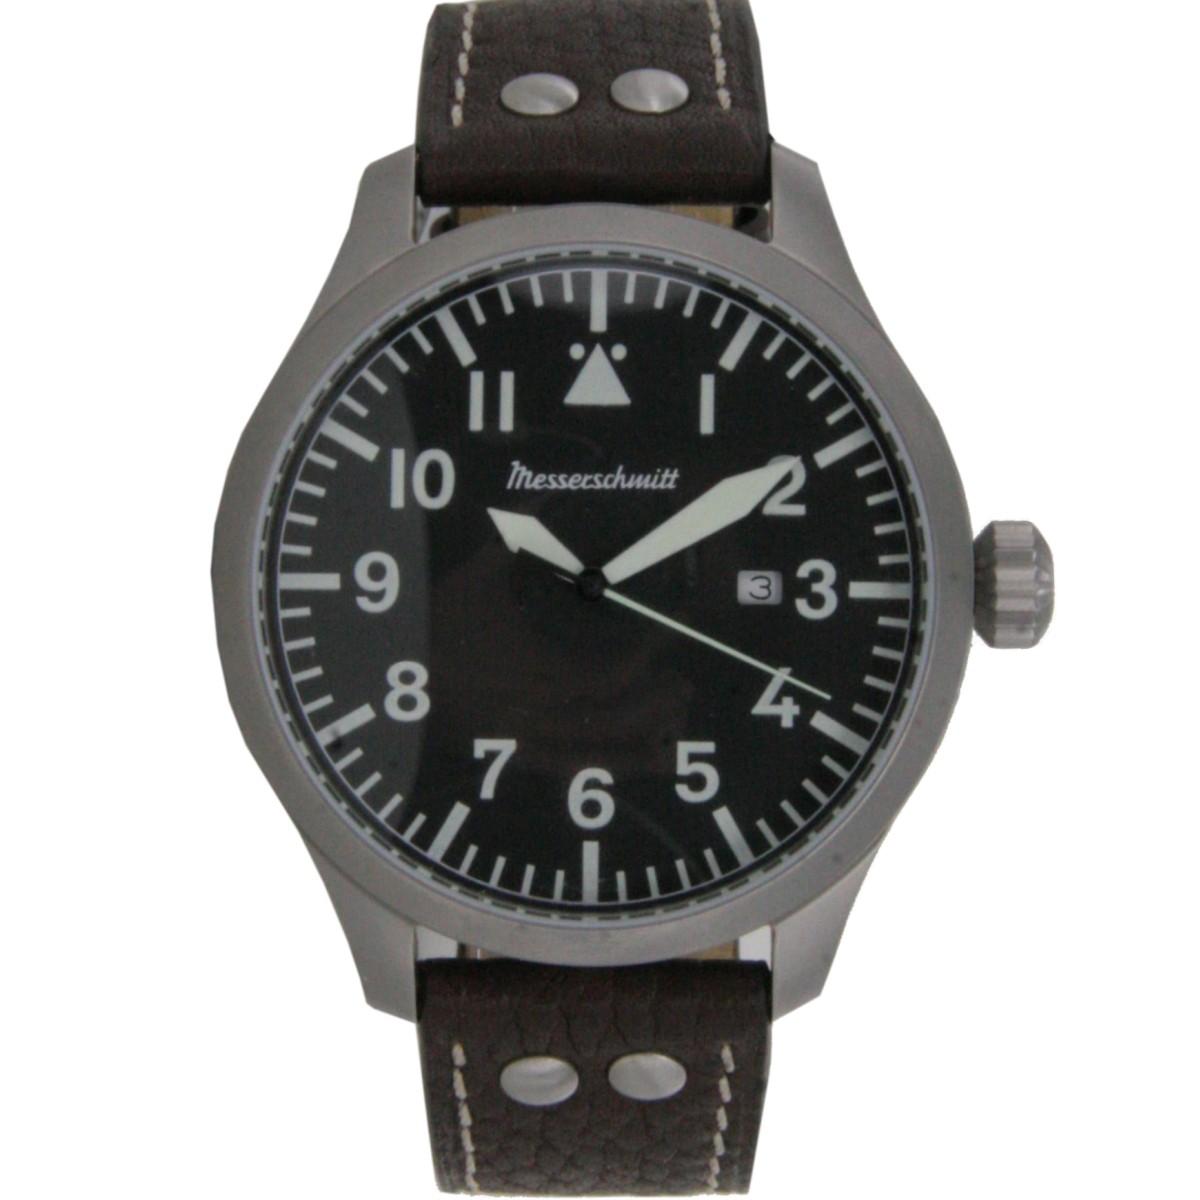 Aristo Herren Uhr 47xlb Xl Fliegeruhr Beo Me Messerschmitt 6bfgy7